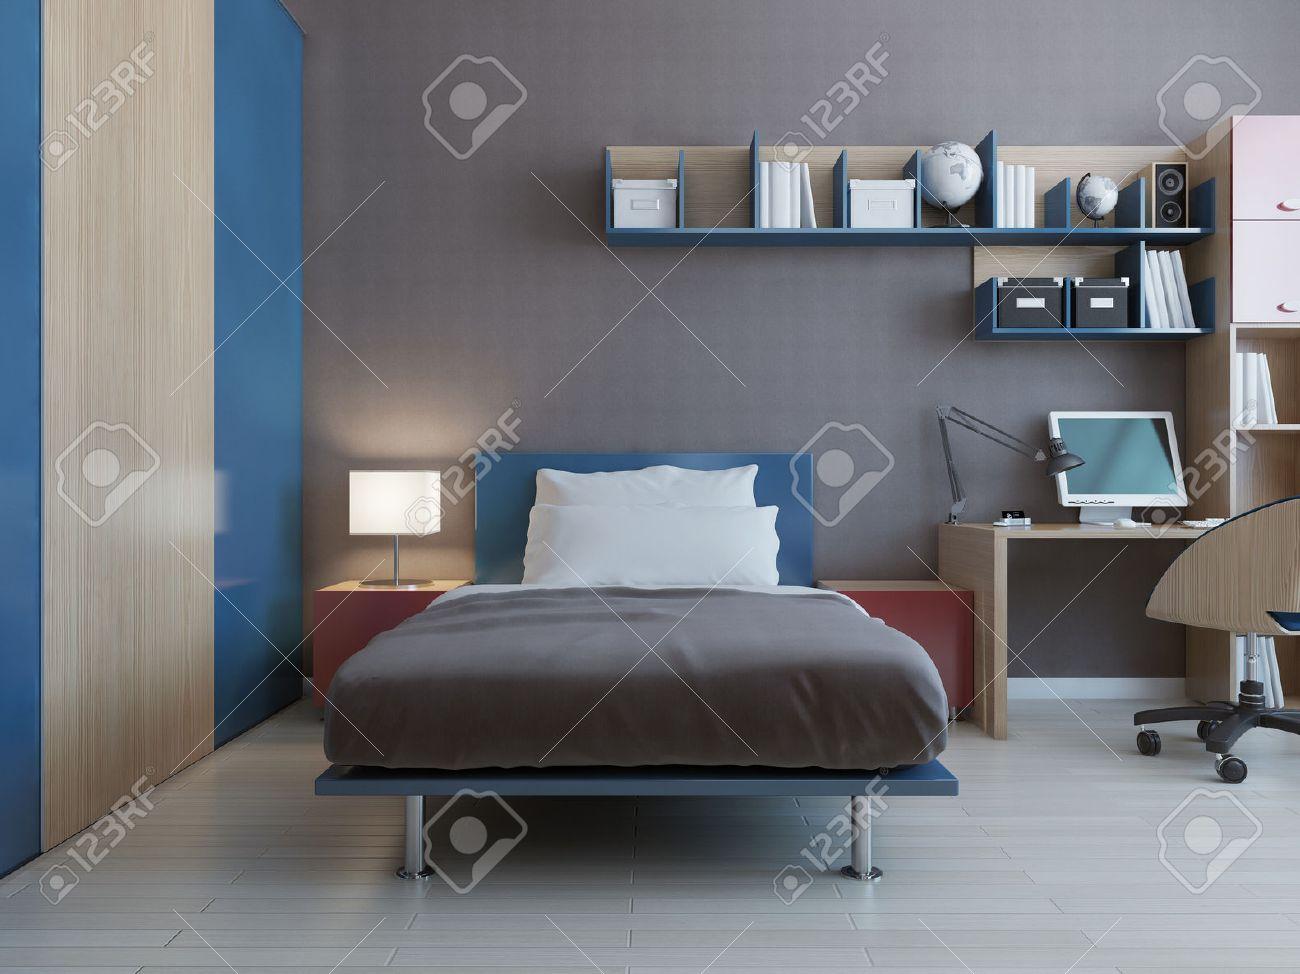 tiener slaapkamer interieur met blauw en rood decor en grijze, Meubels Ideeën